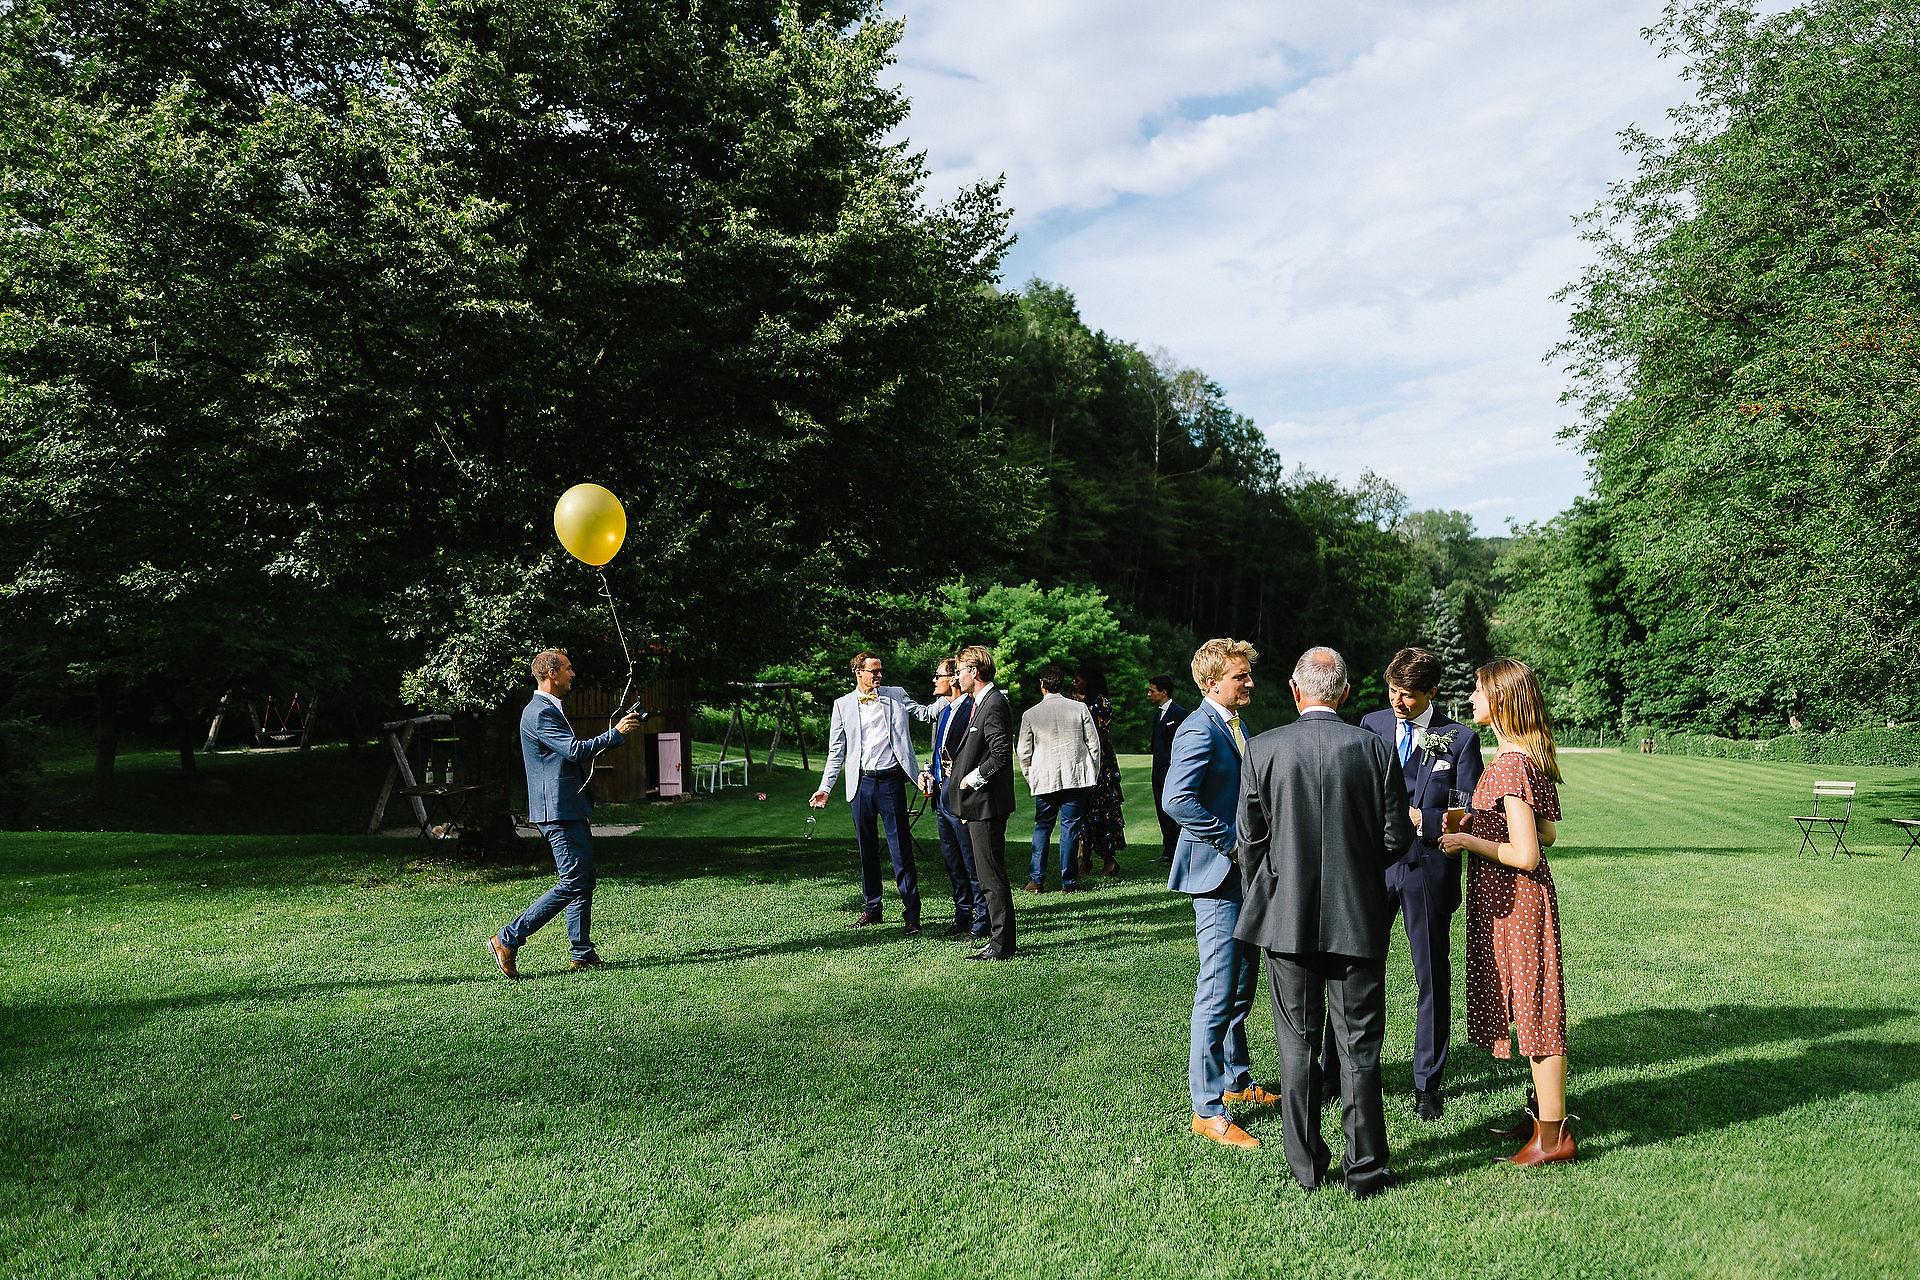 Fotograf Konstanz - Hochzeitsreportage Freiburg Hofgut Lilienhof Hochzeit Fotograf Konstanz 64 - Hochzeit in Freiburg und Hofgut Lilienhof  - 55 -